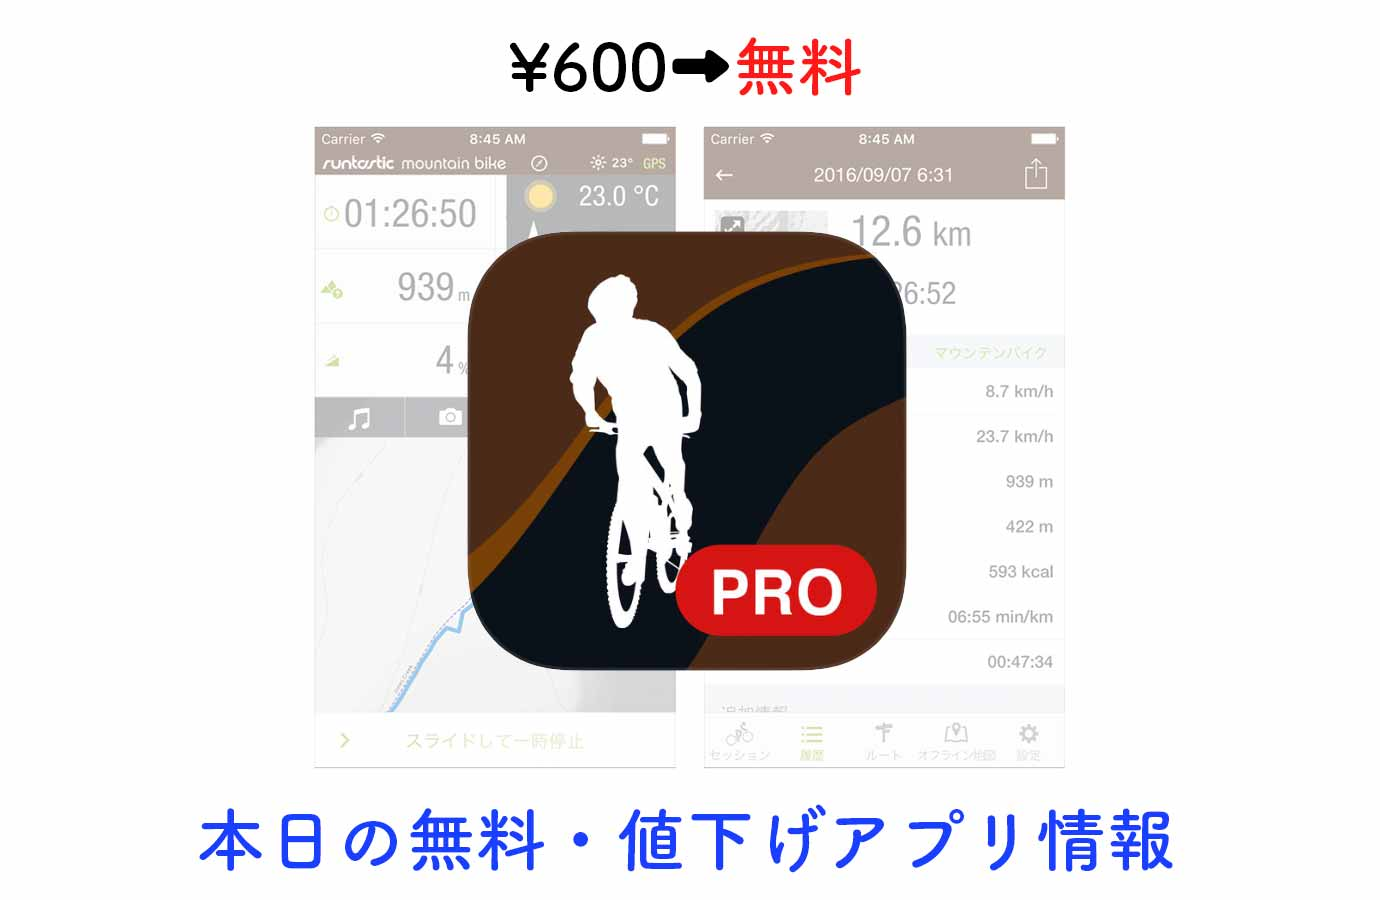 ¥600→無料、iPhoneをサイクルコンピューターにできる「Runtastic Mountain Bike PRO」など【9/6】本日の無料・値下げアプリ情報